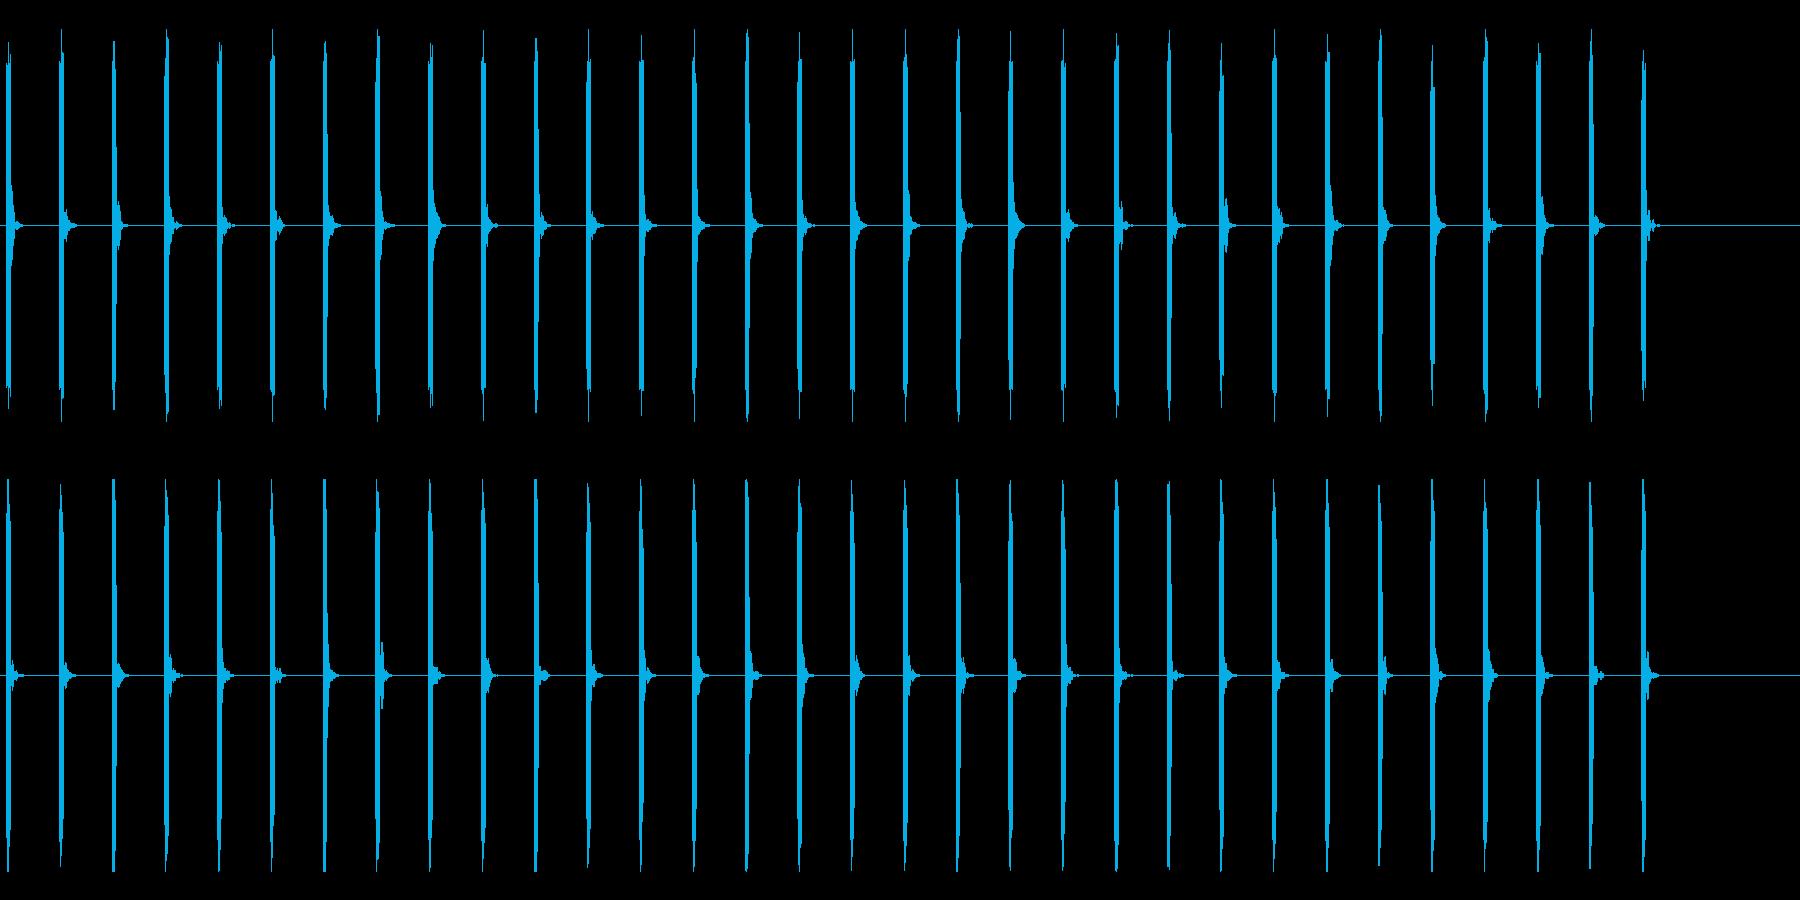 心電図の音-3-1(BPM40)の再生済みの波形